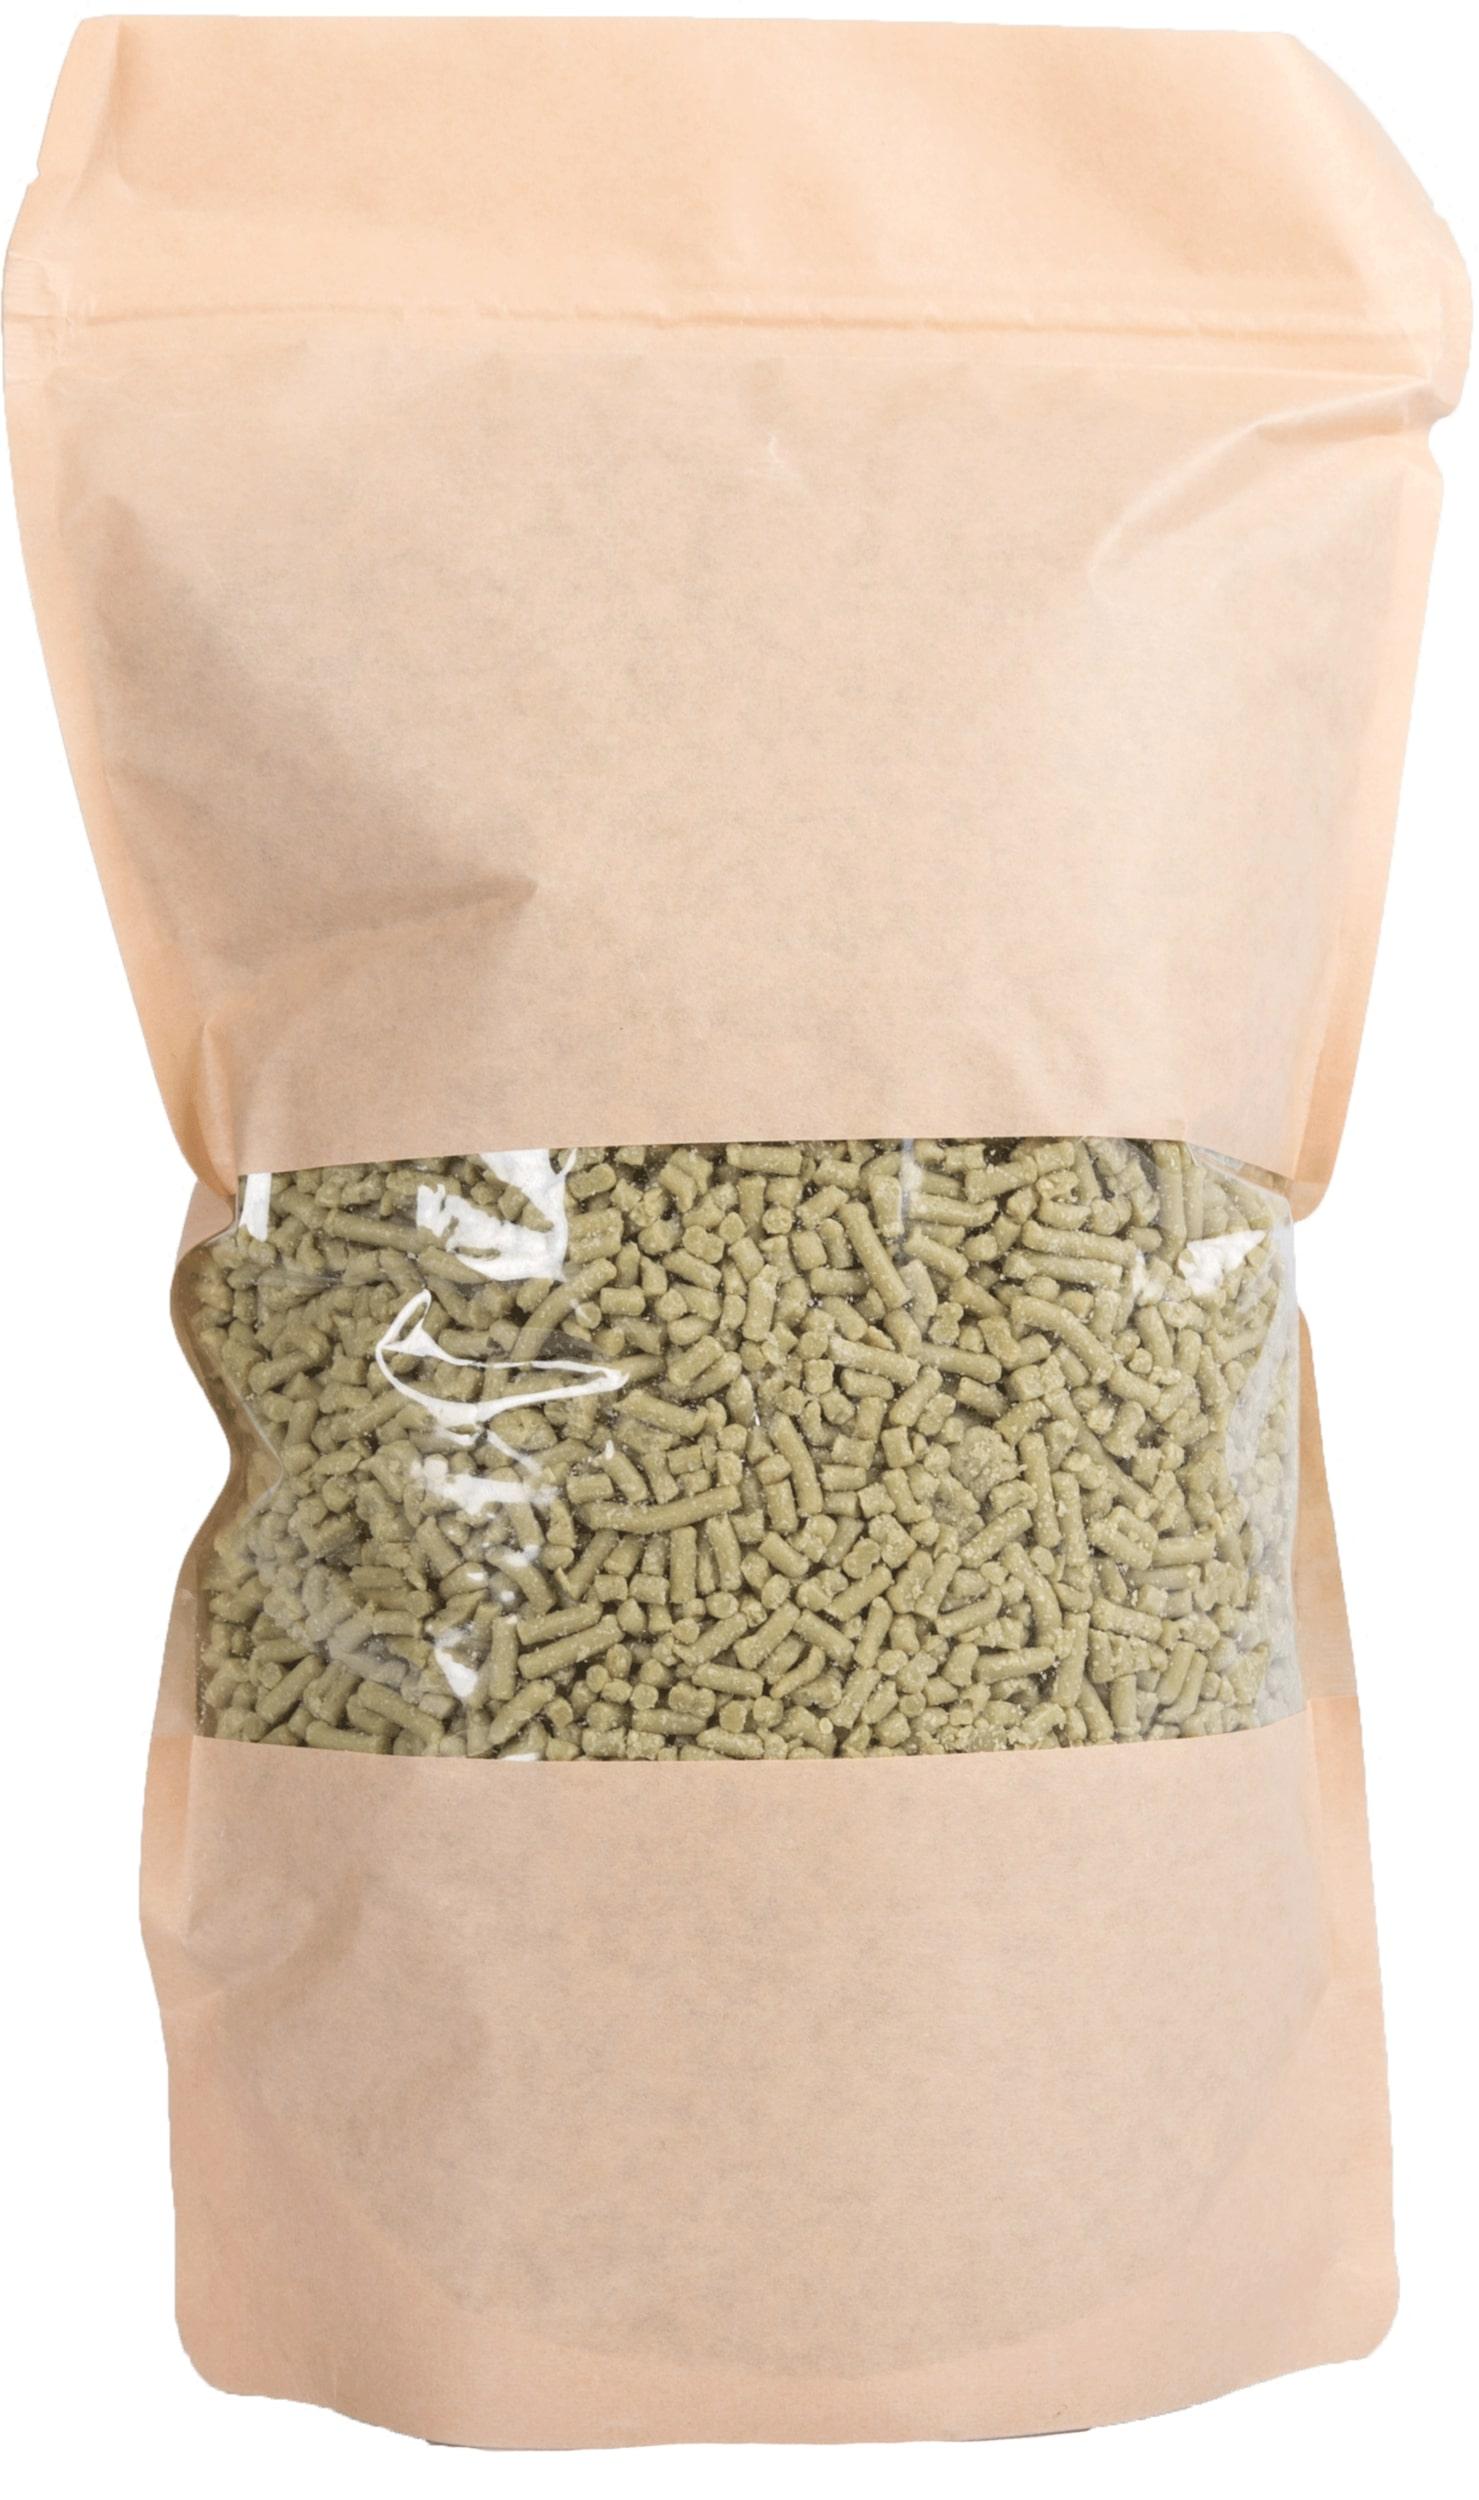 Nachfüllung Seifenflocken, natürliches Waschmittel aus Marseille-Seife - 1 kg